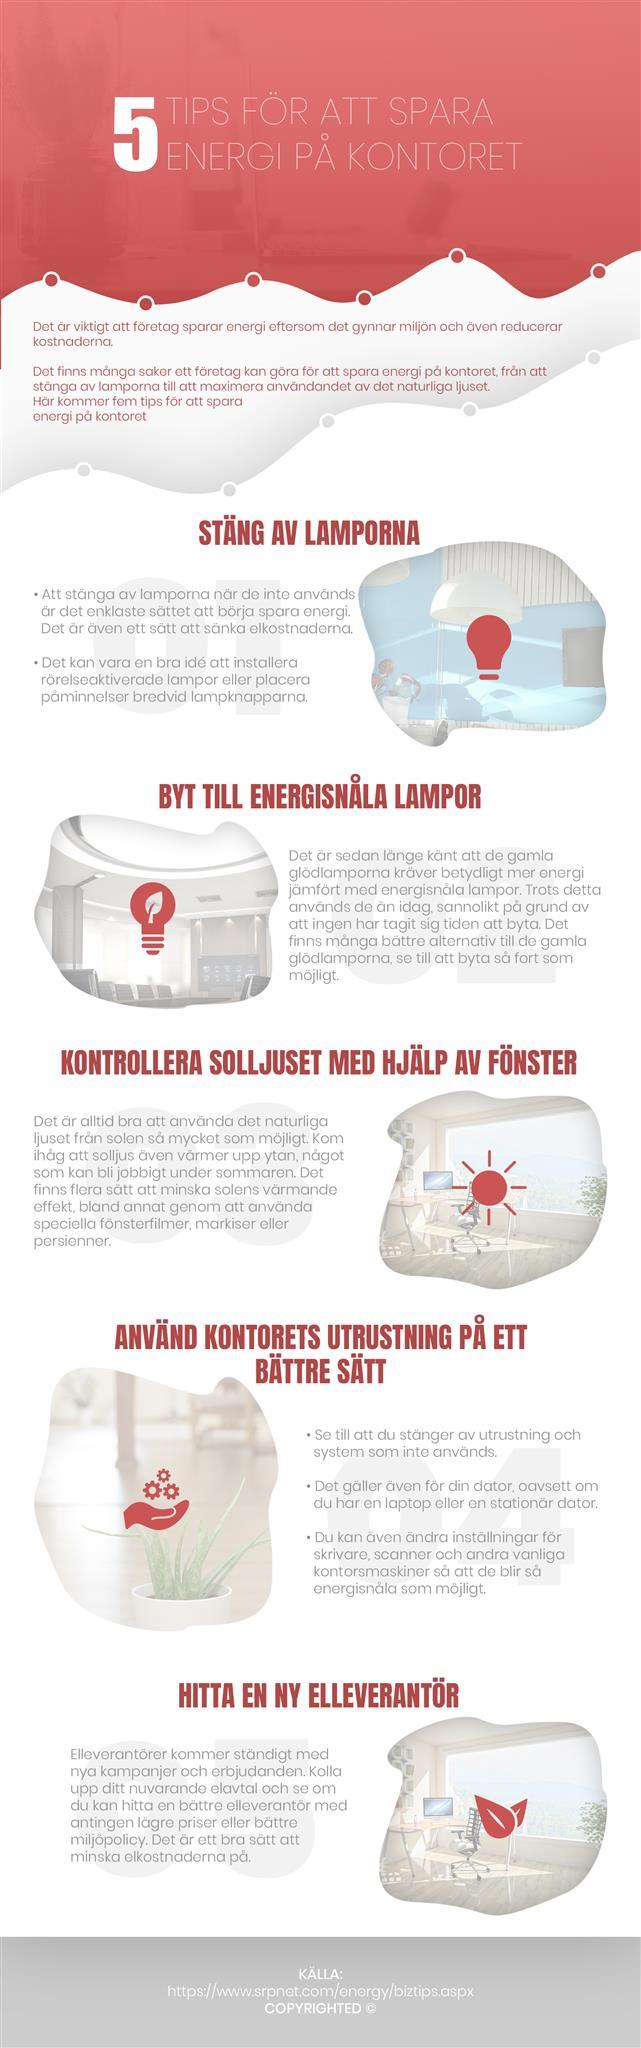 Fem tips och tricks för att spara energi på arbetsplatsen | Infographical